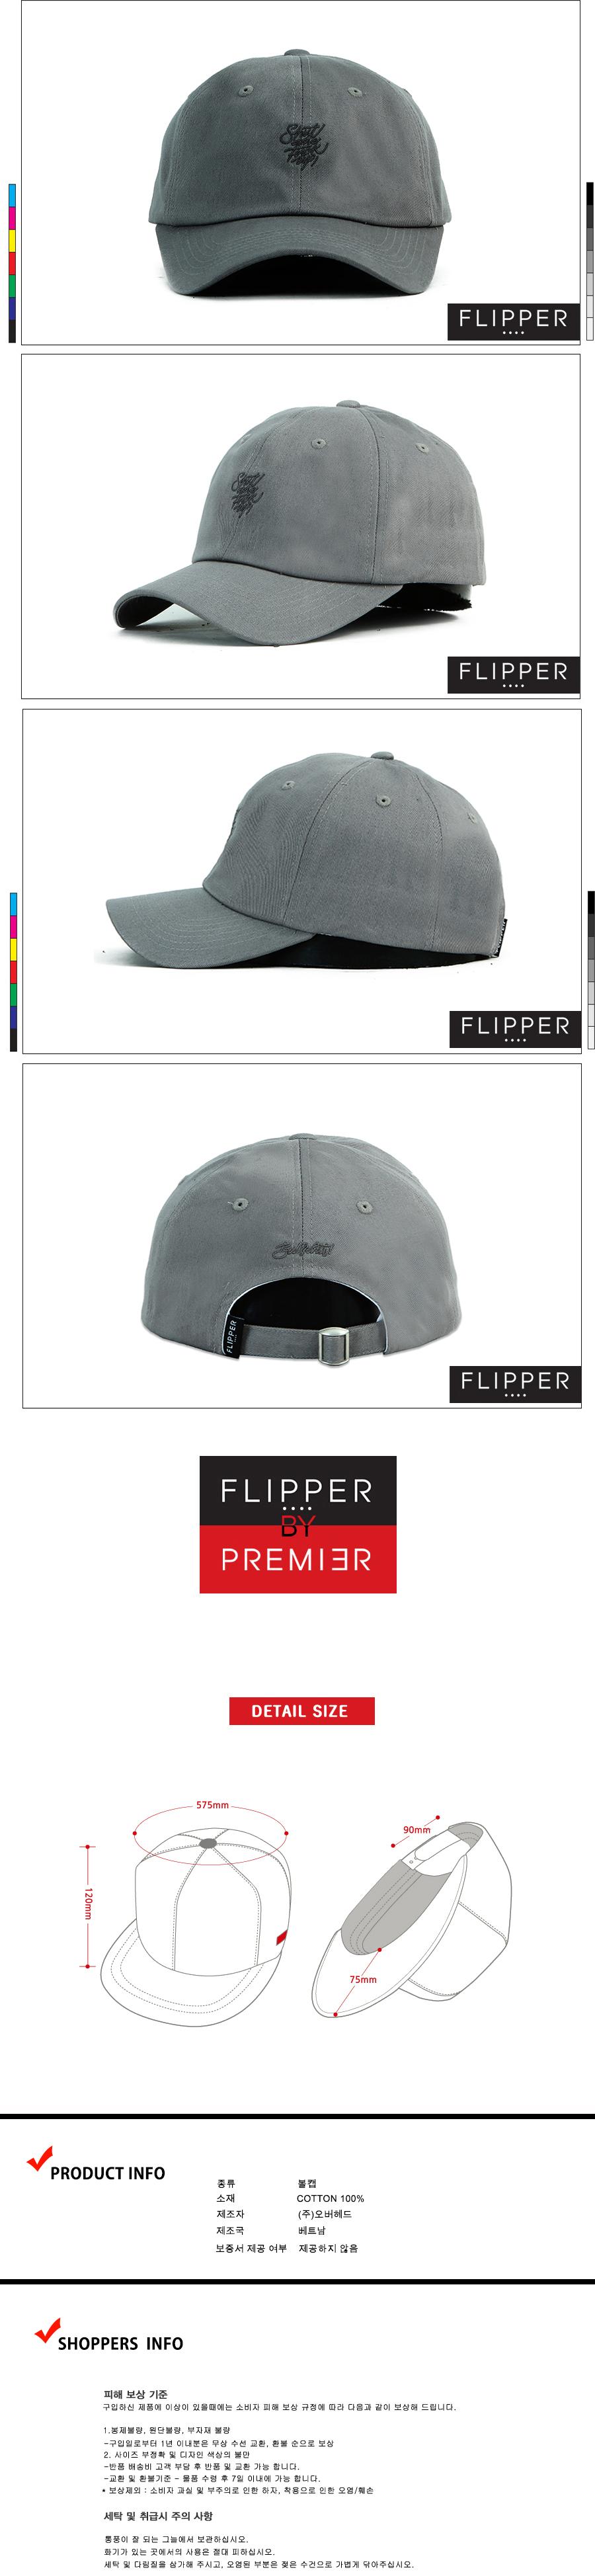 [ PREMIER ] [Premier] Flipper Ball Cap Bullshit Grey (FL185)